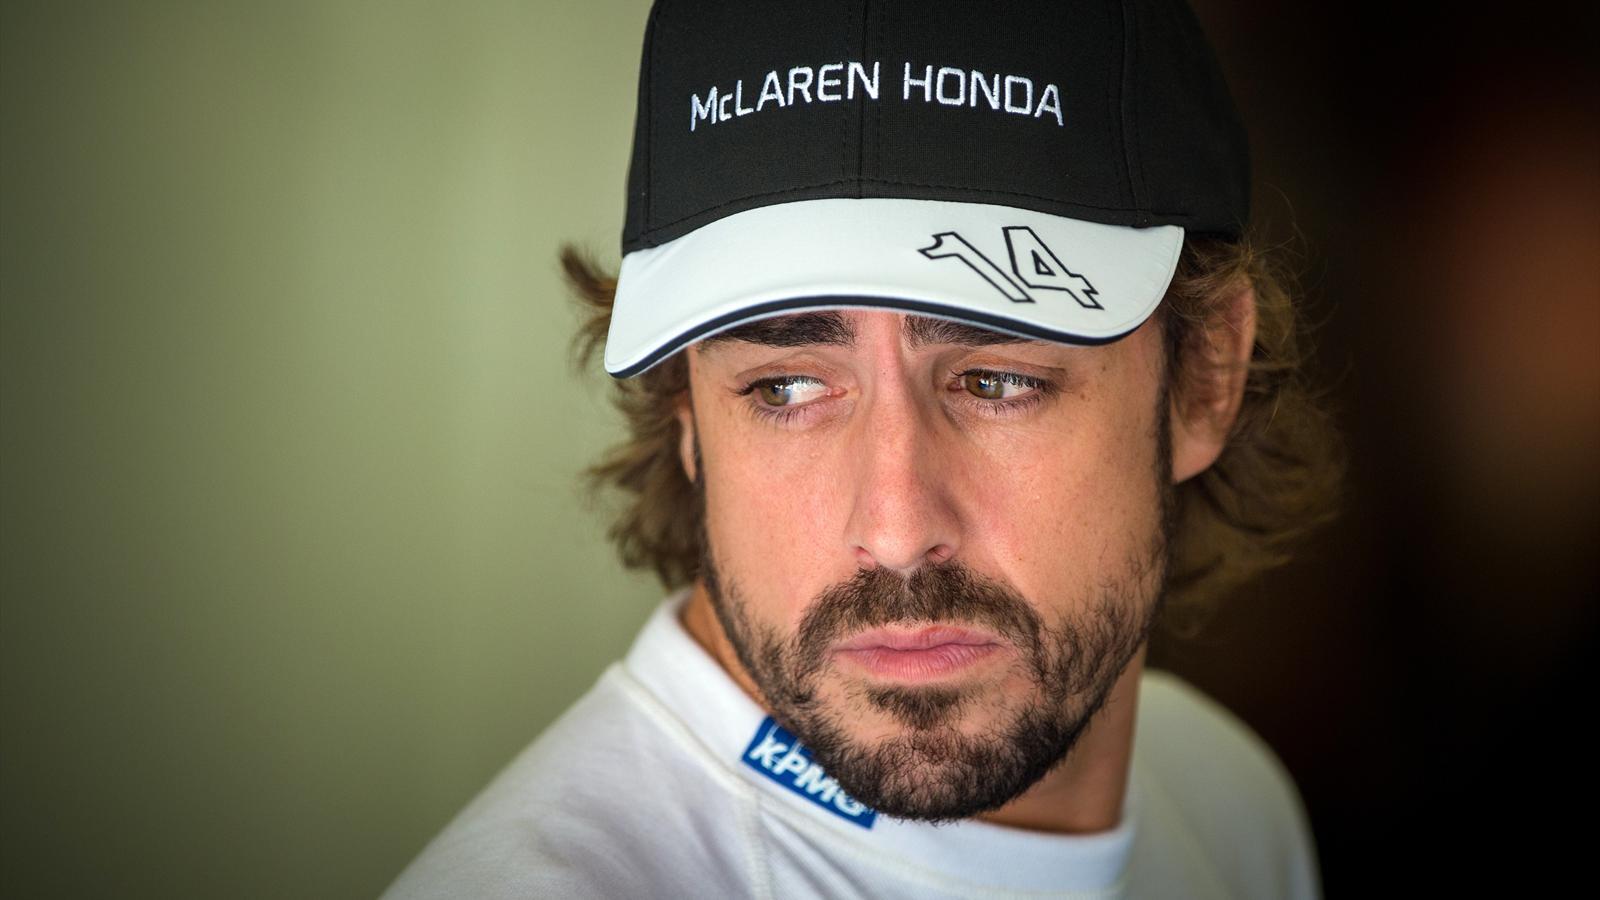 Fernando Alonso (McLaren) au Grand Prix de Hongrie 2015